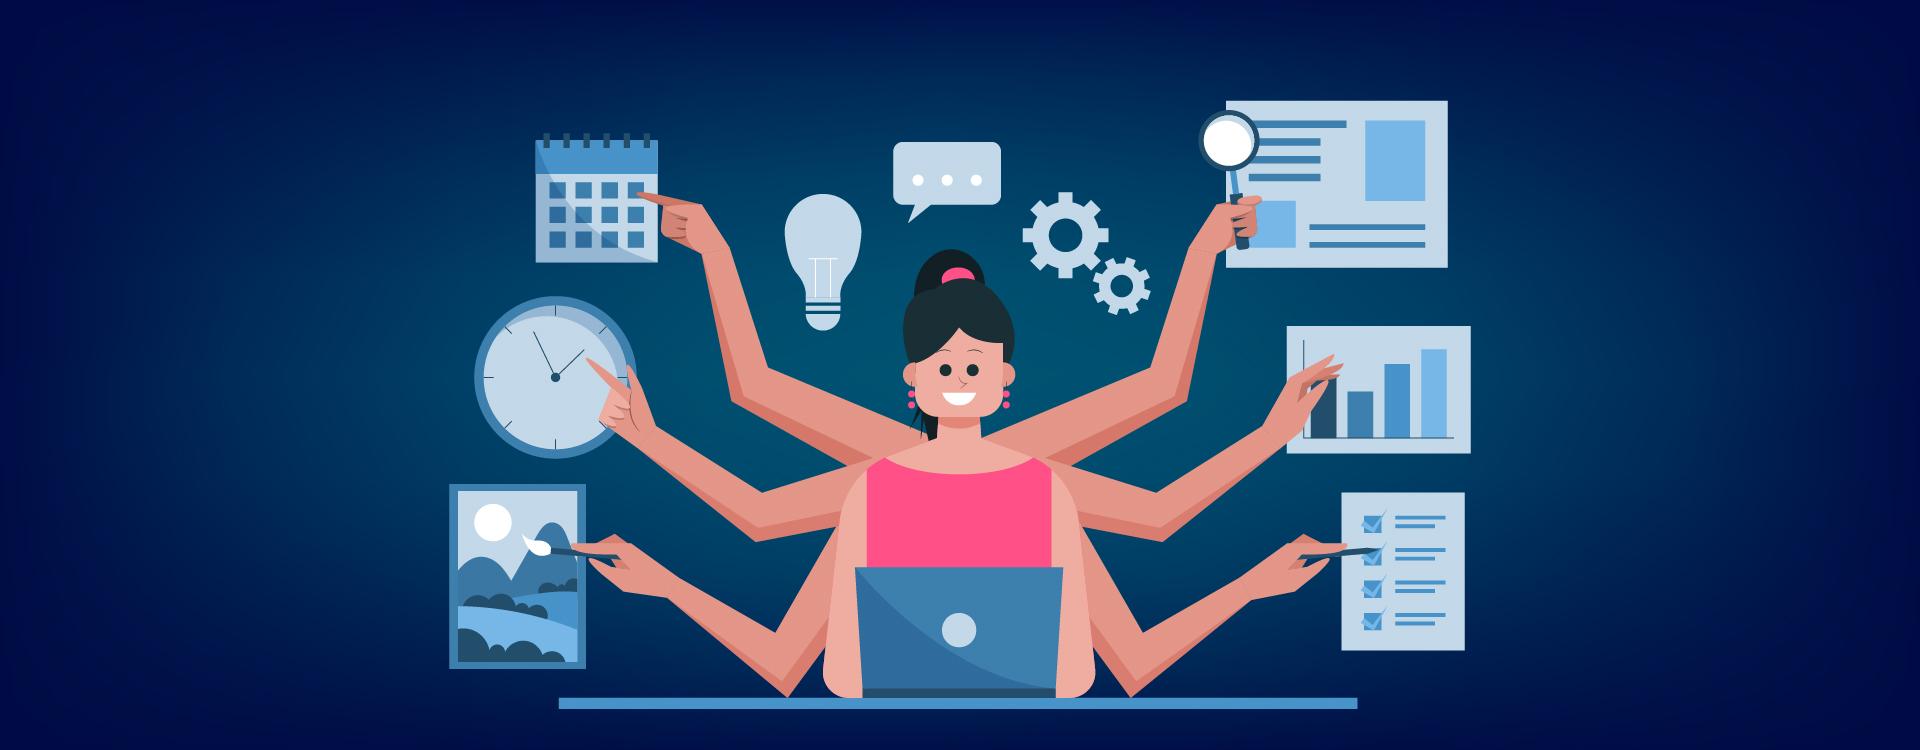 A Basic Guide for Aspiring Womenpreneurs